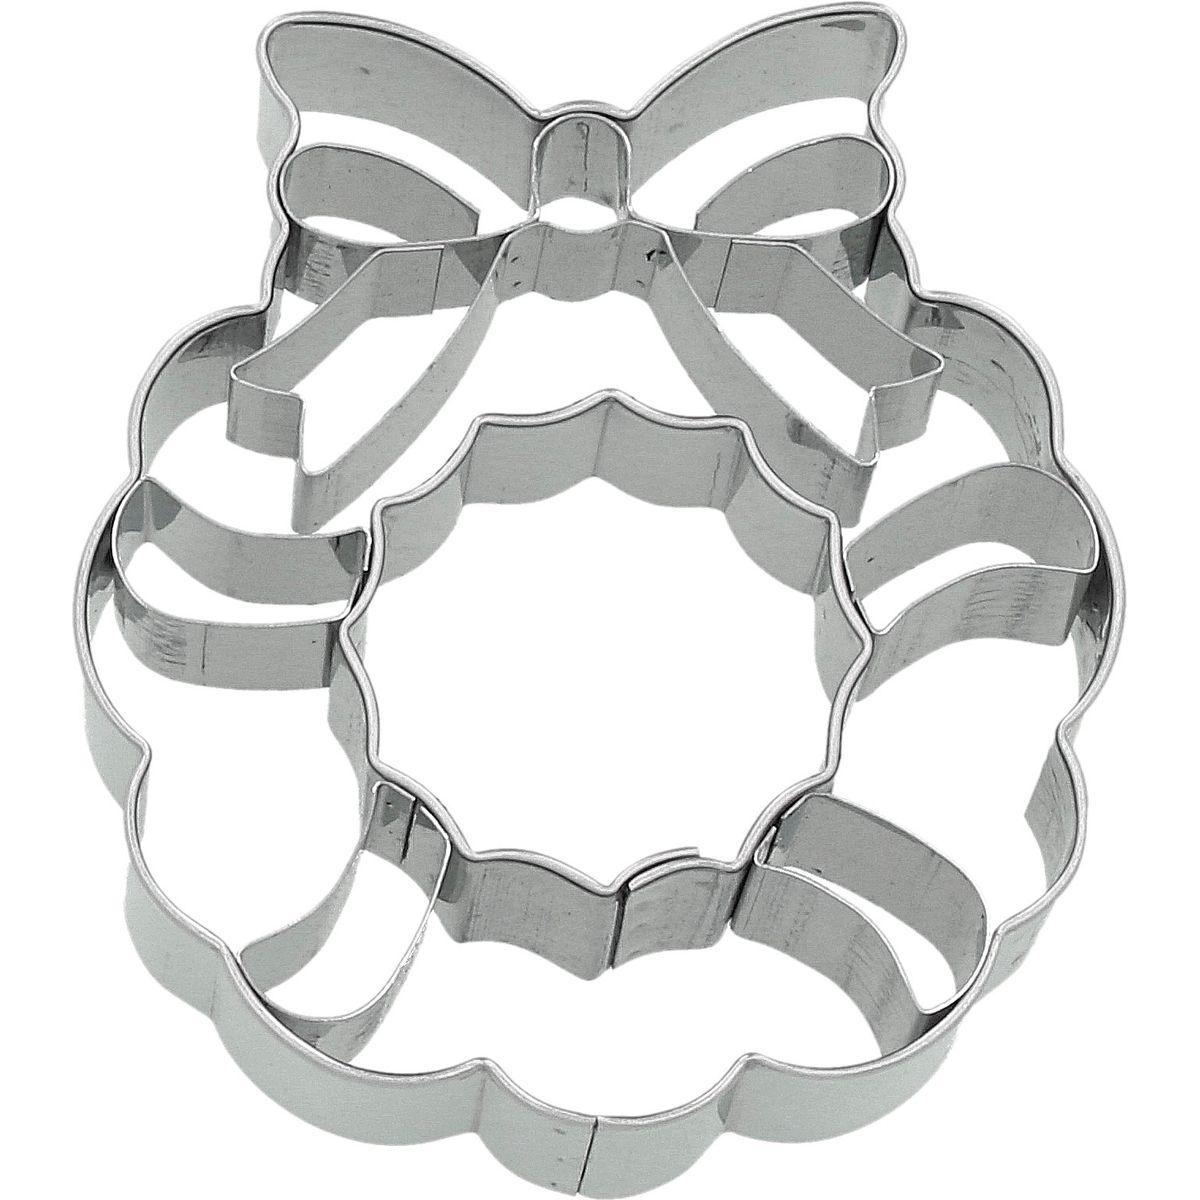 Emporte-pièce en inox couronne de Noël 7.5 cm - Birkmann